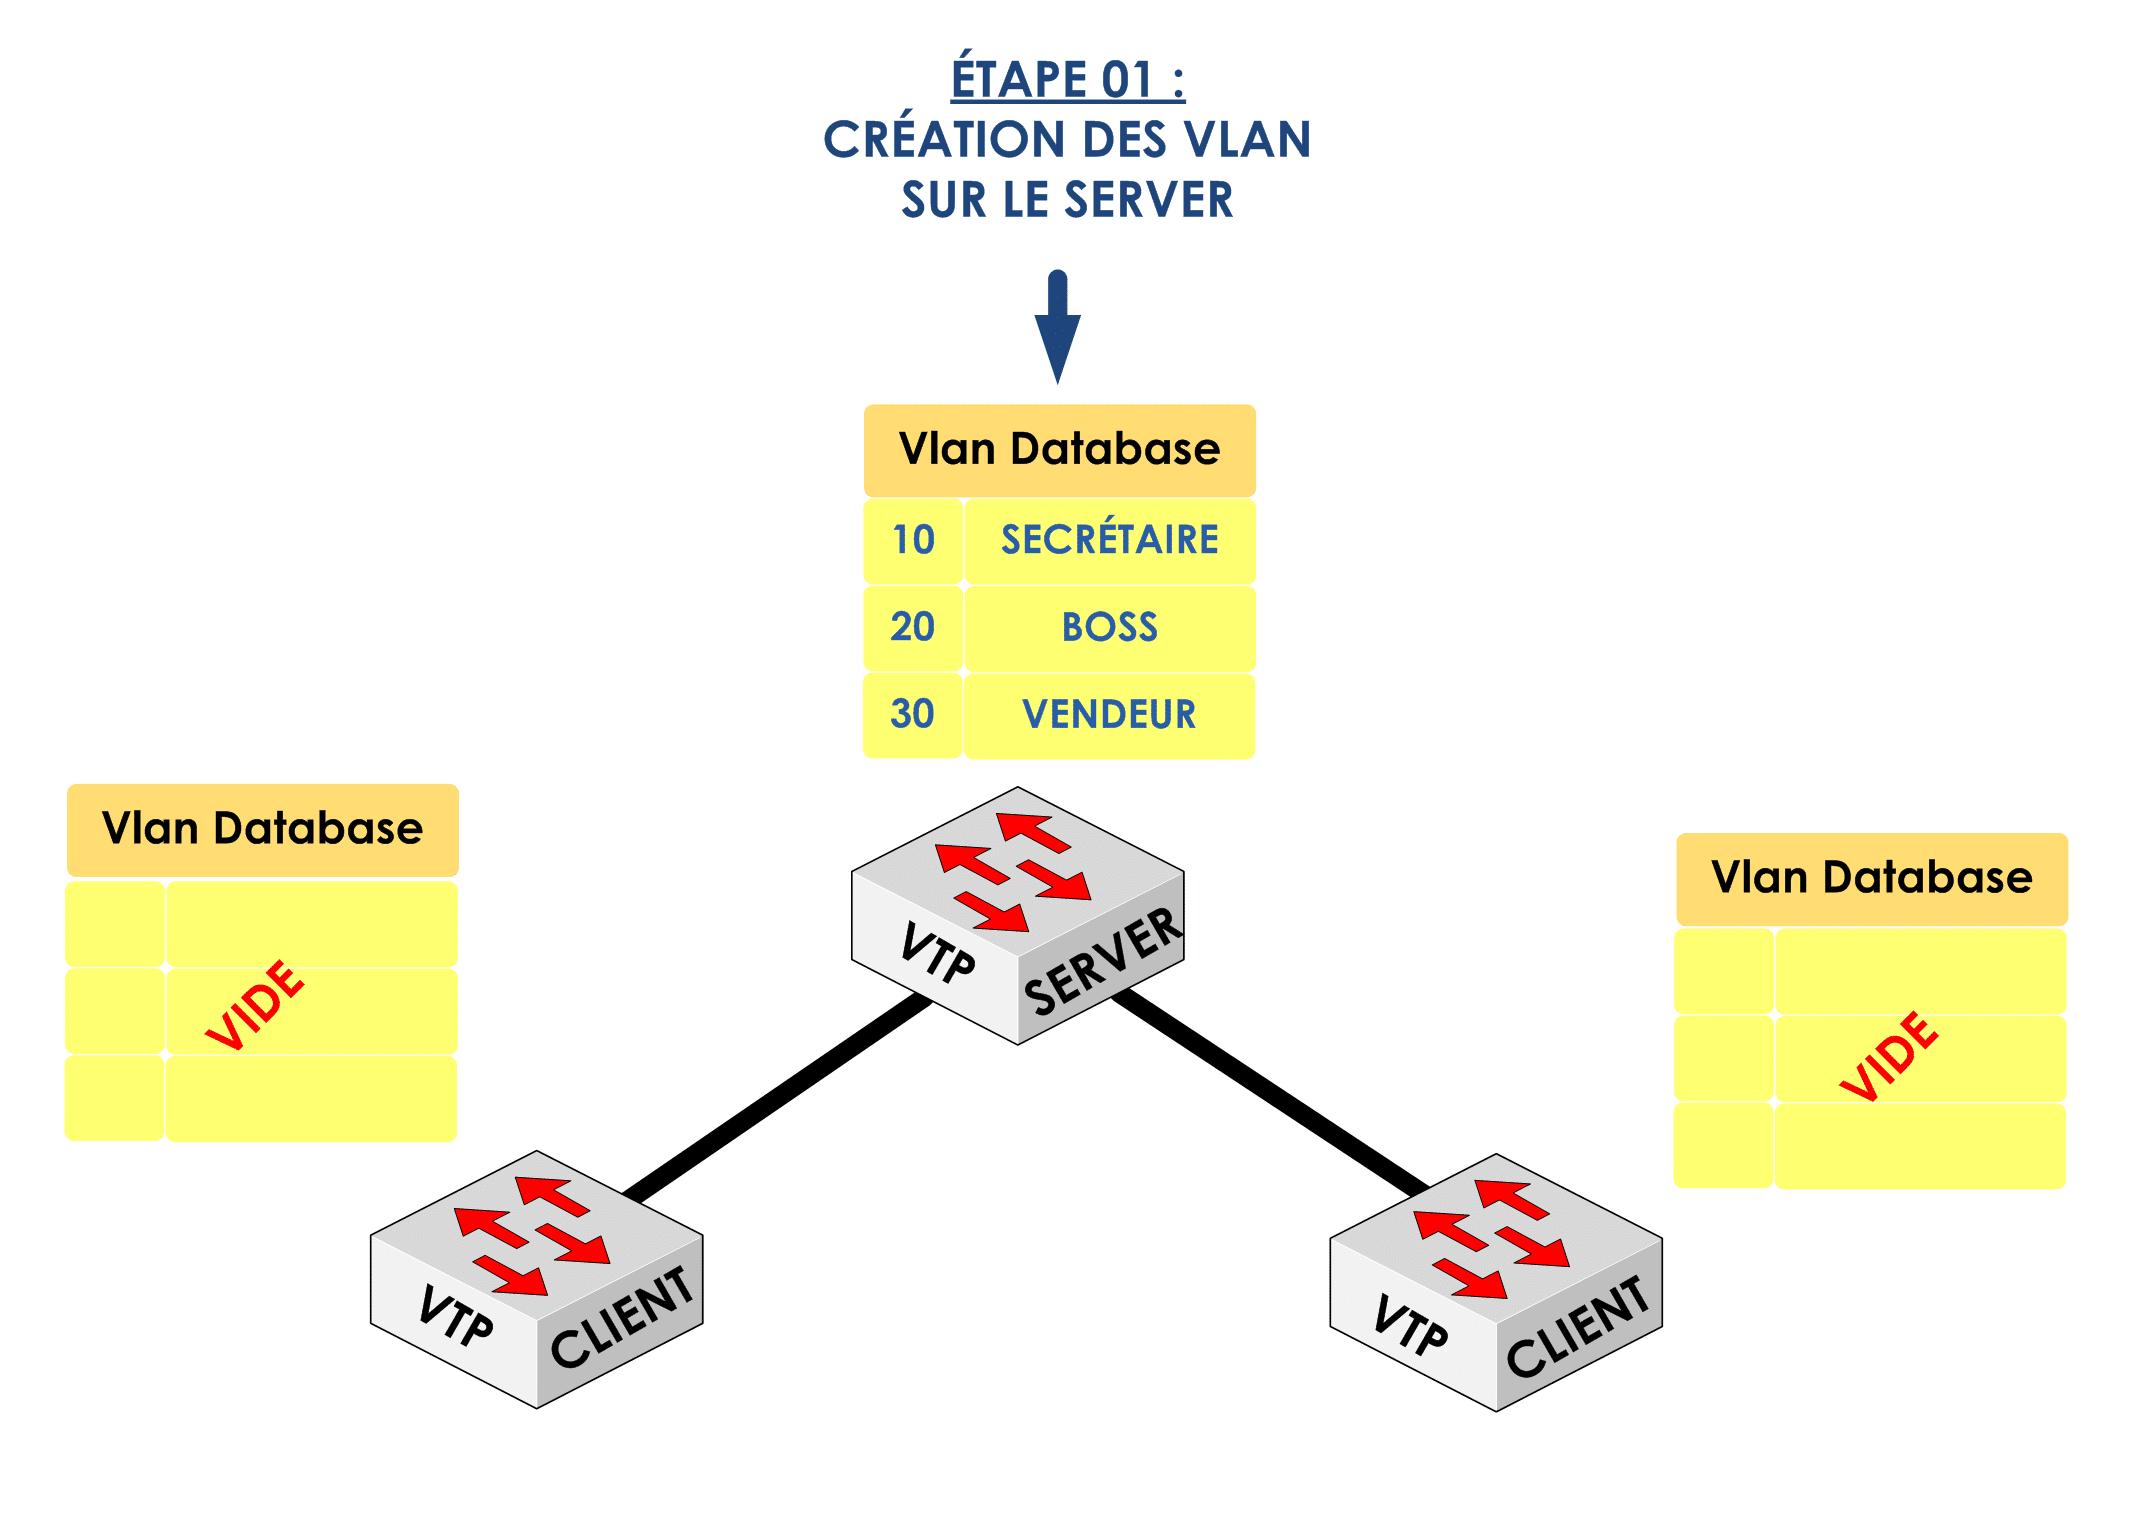 Etape 01 : Création des Vlan sur le serveur VTP